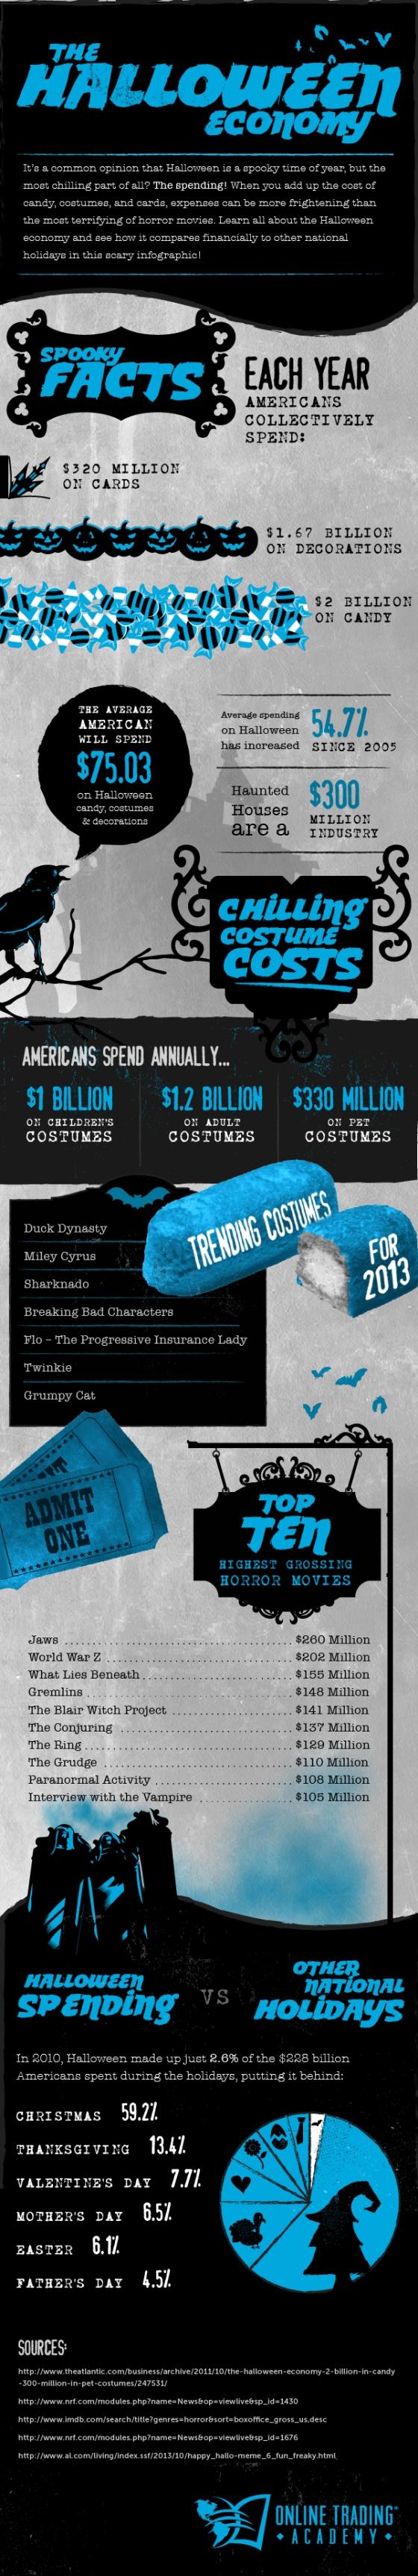 Online Trading Academy - 2013 Halloween Spending